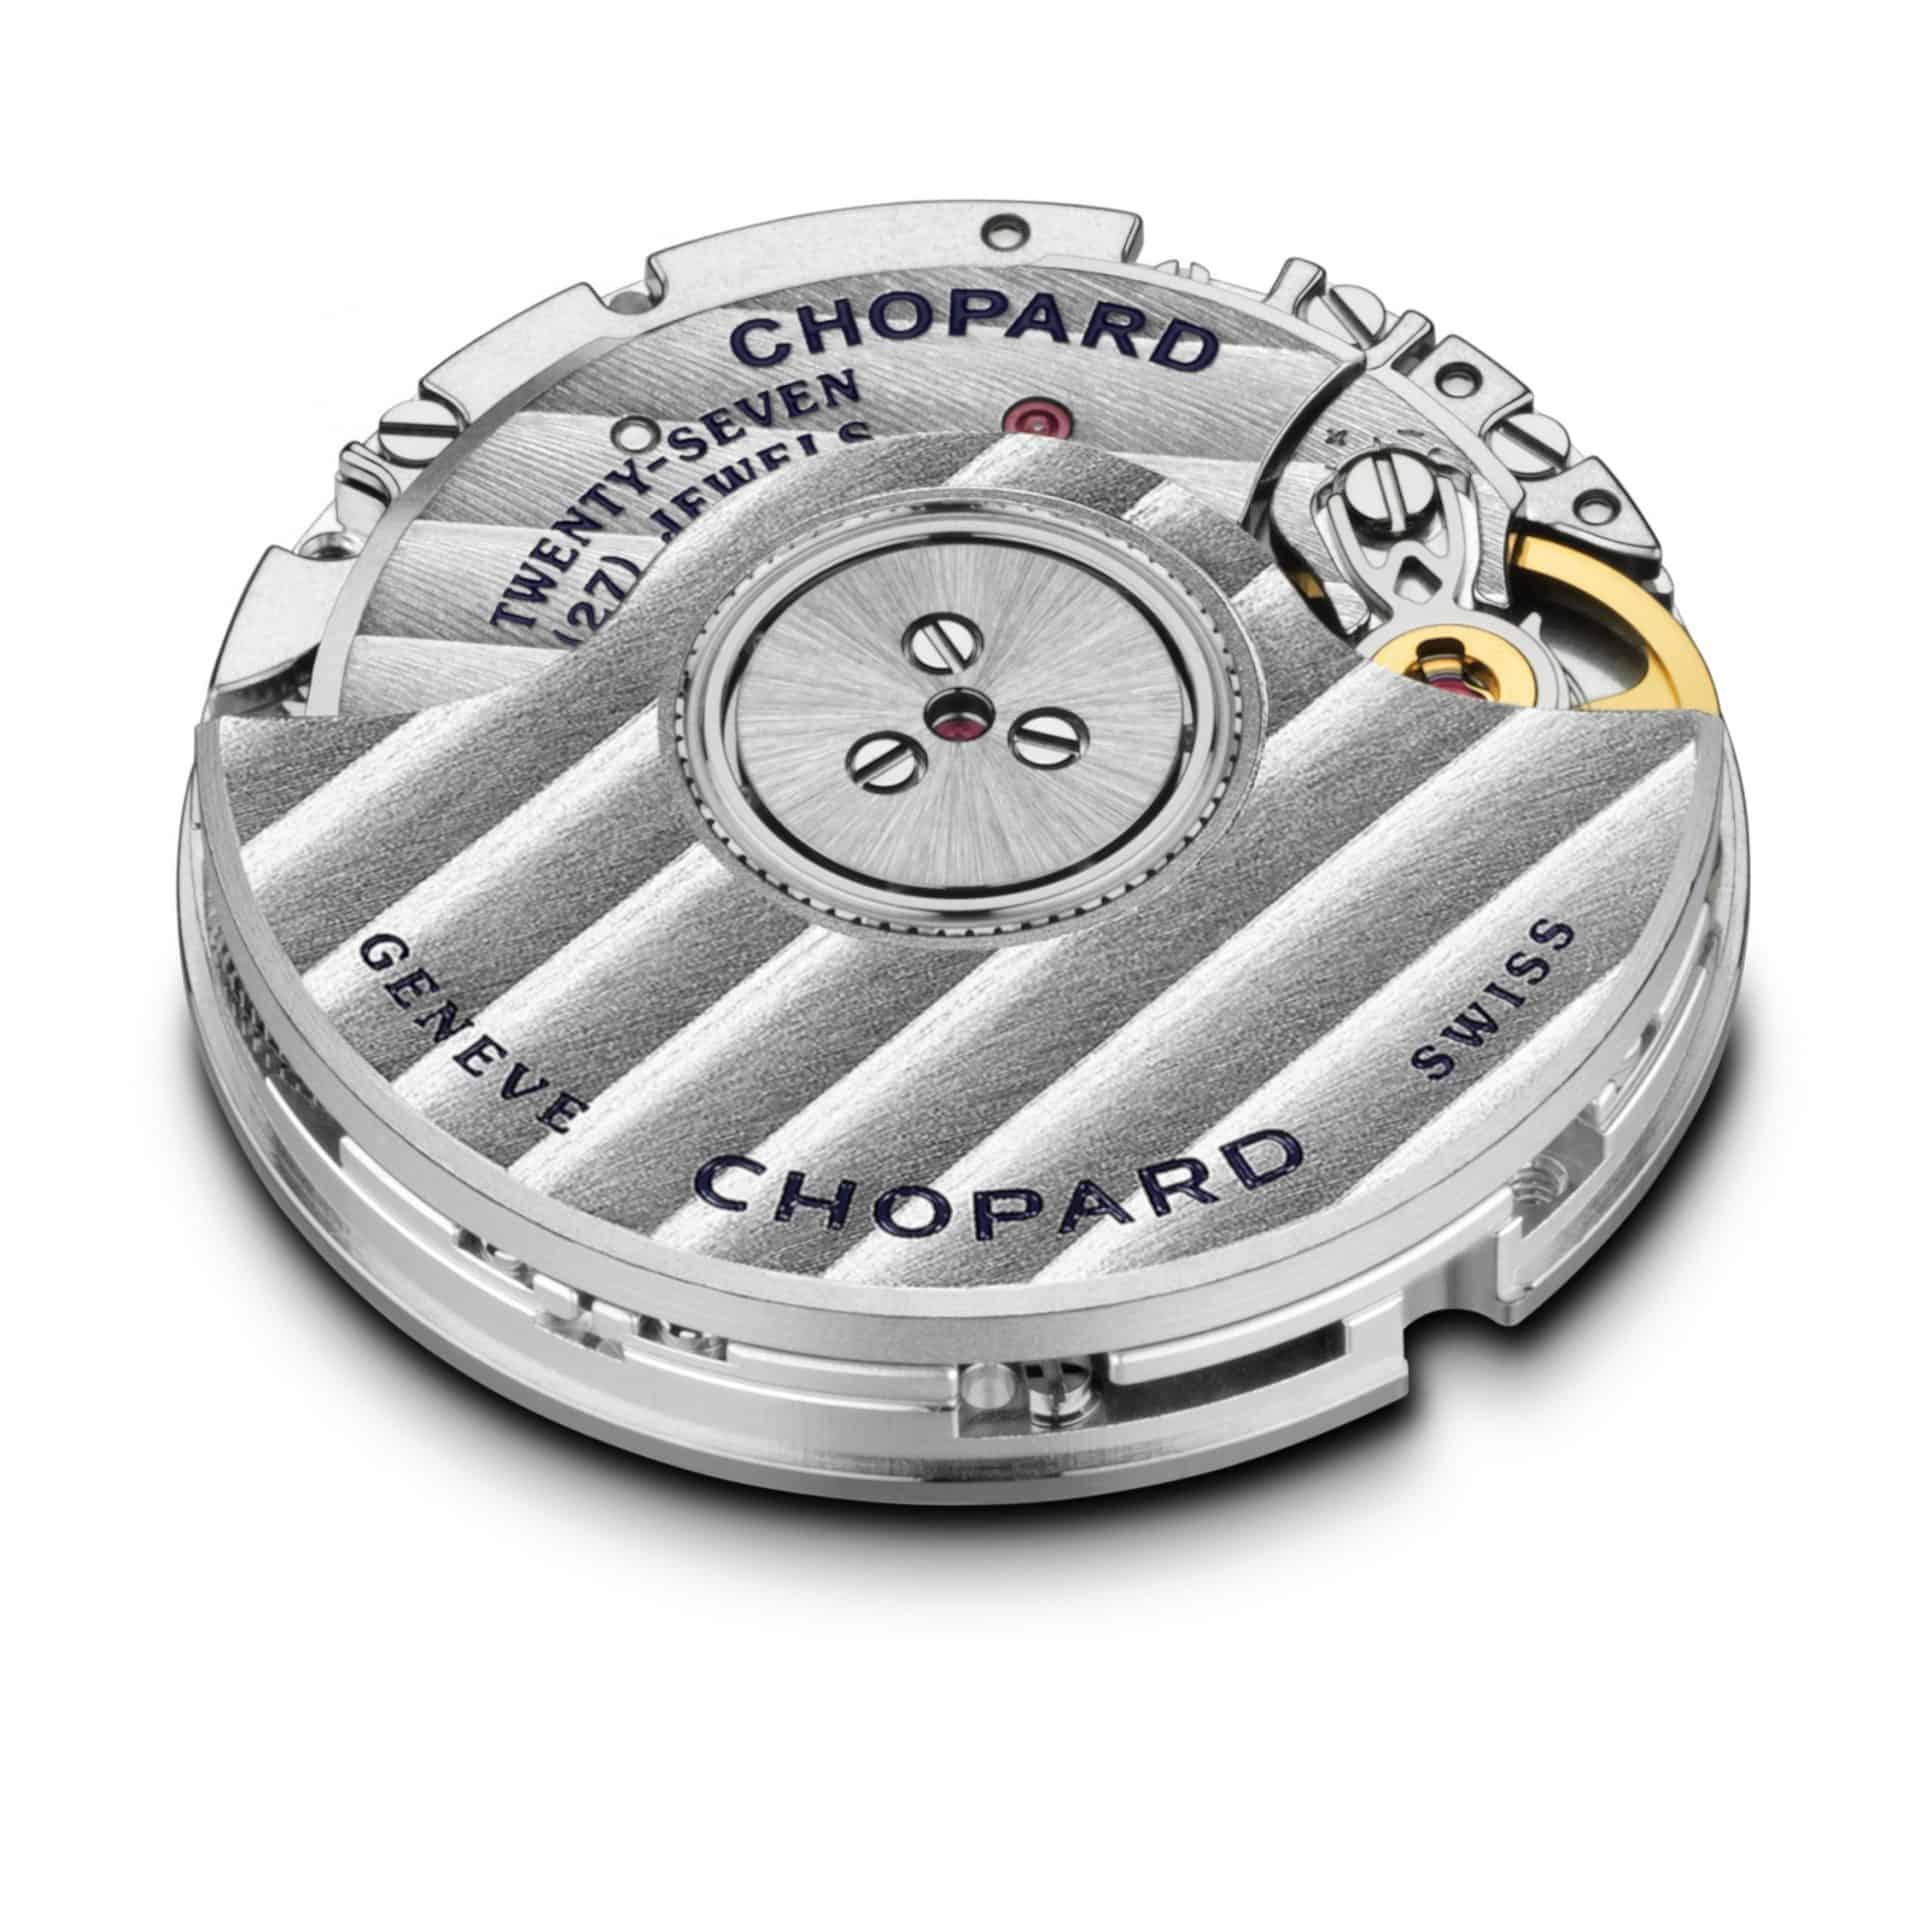 Das Manufakturuhrwerk 09.01-C produziert Chopard selbst